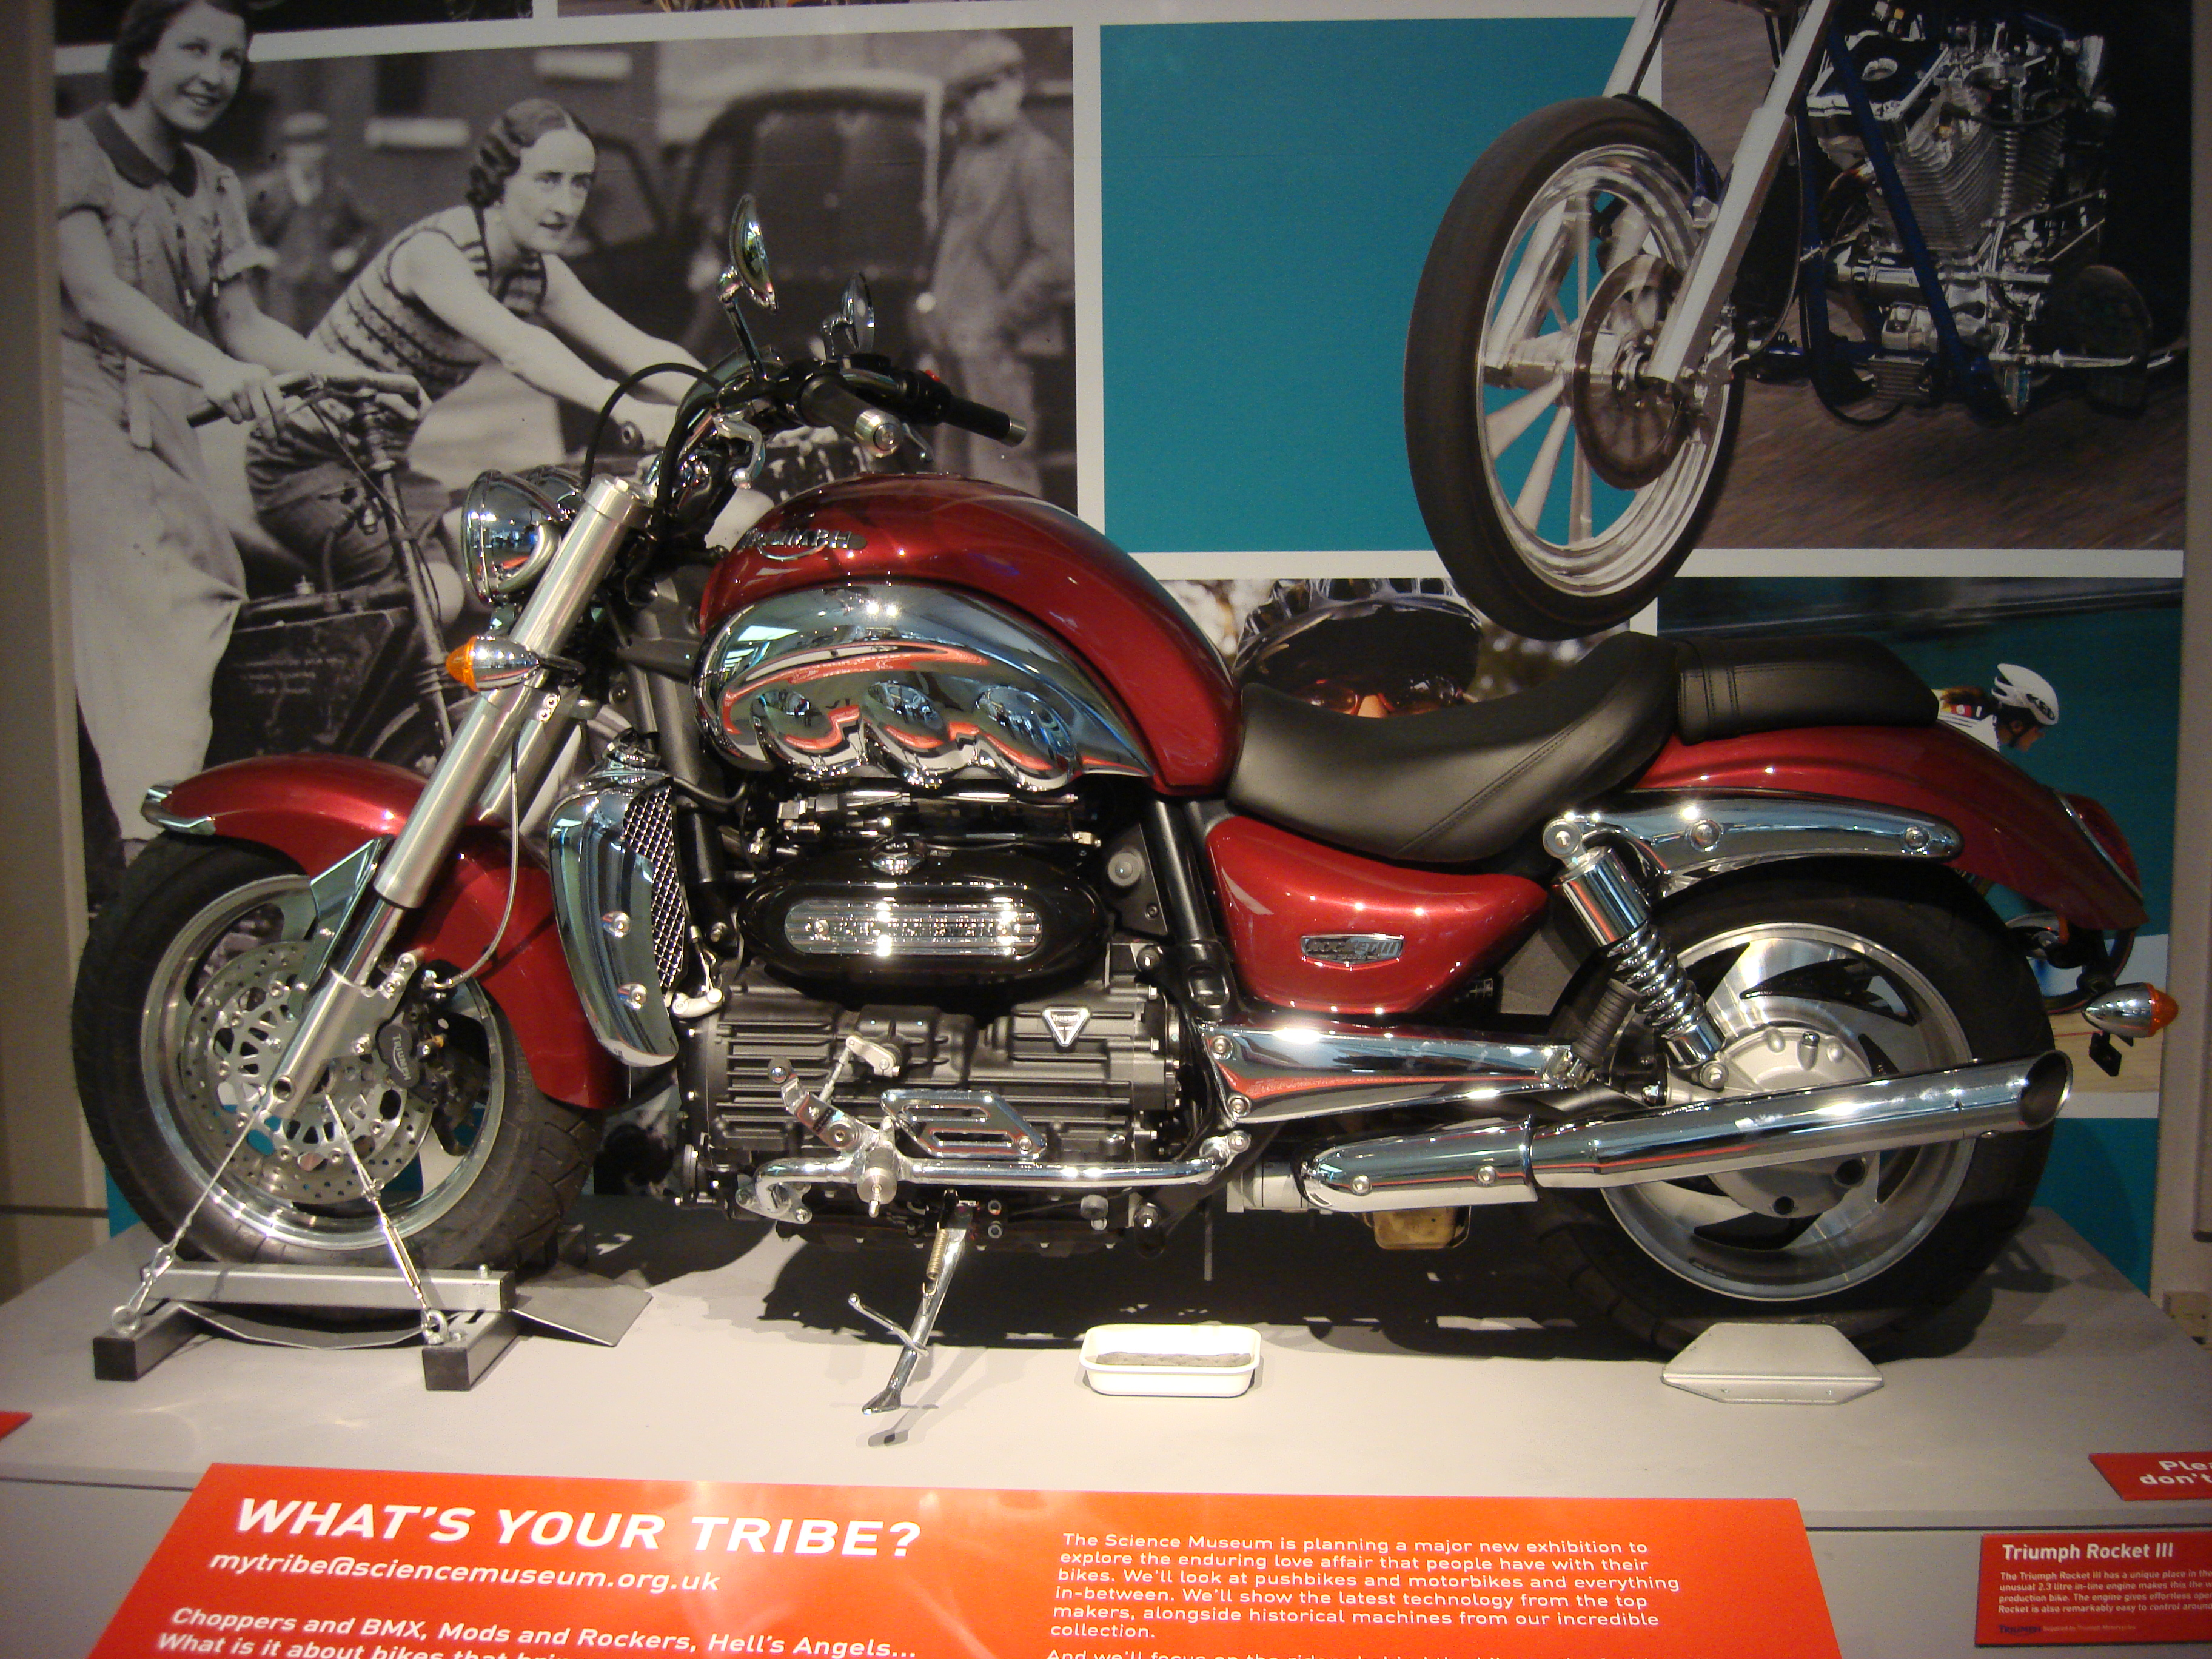 Triumph Rocket Iii Wikipedia